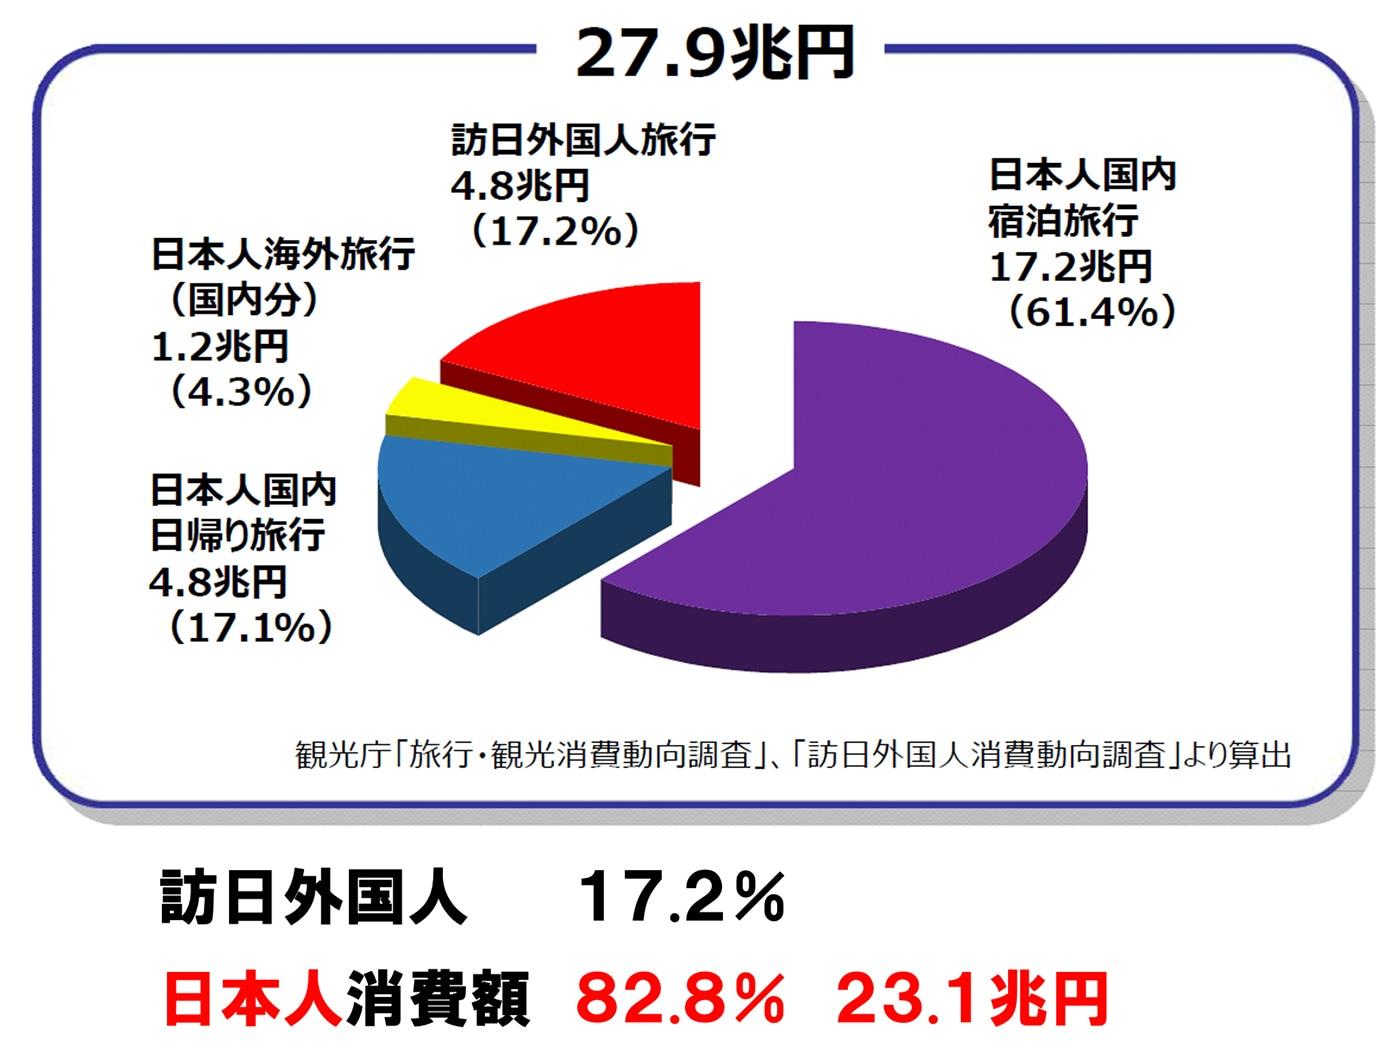 図表:観光庁「旅行・観光消費動向調査」、「訪日外国人消費動向調査」より算出